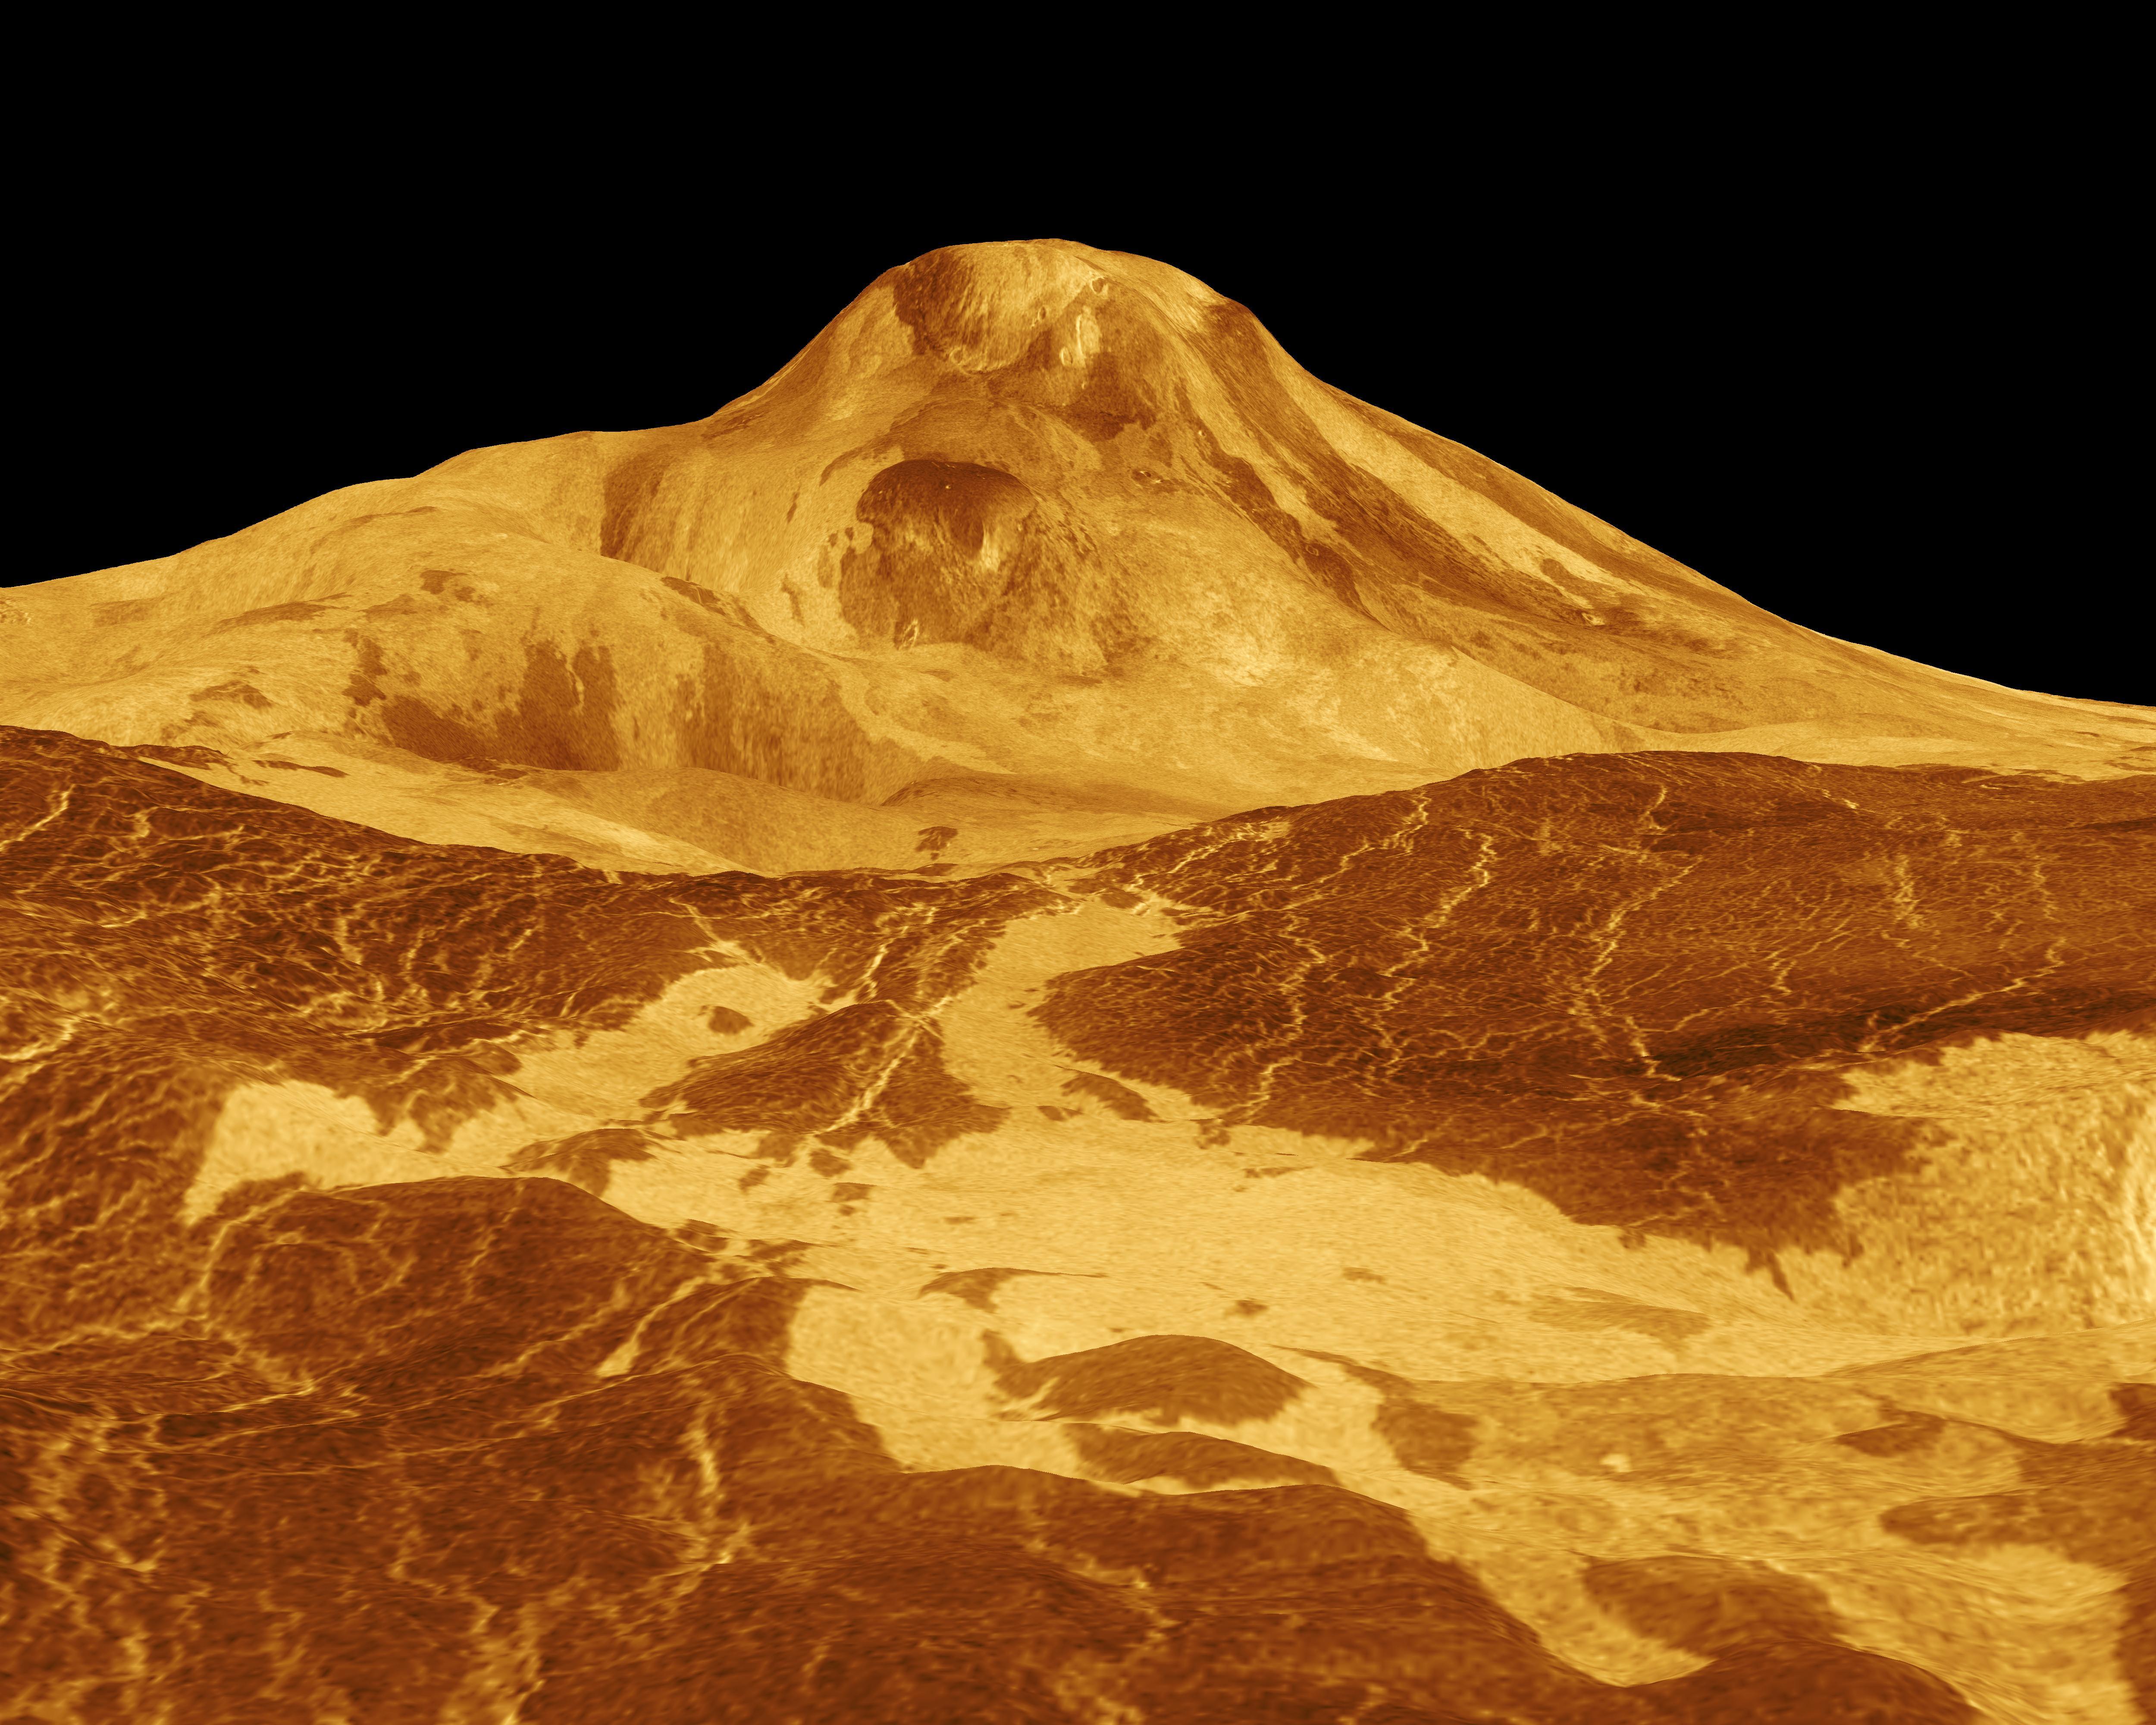 El cielo de sigüenza - Venus